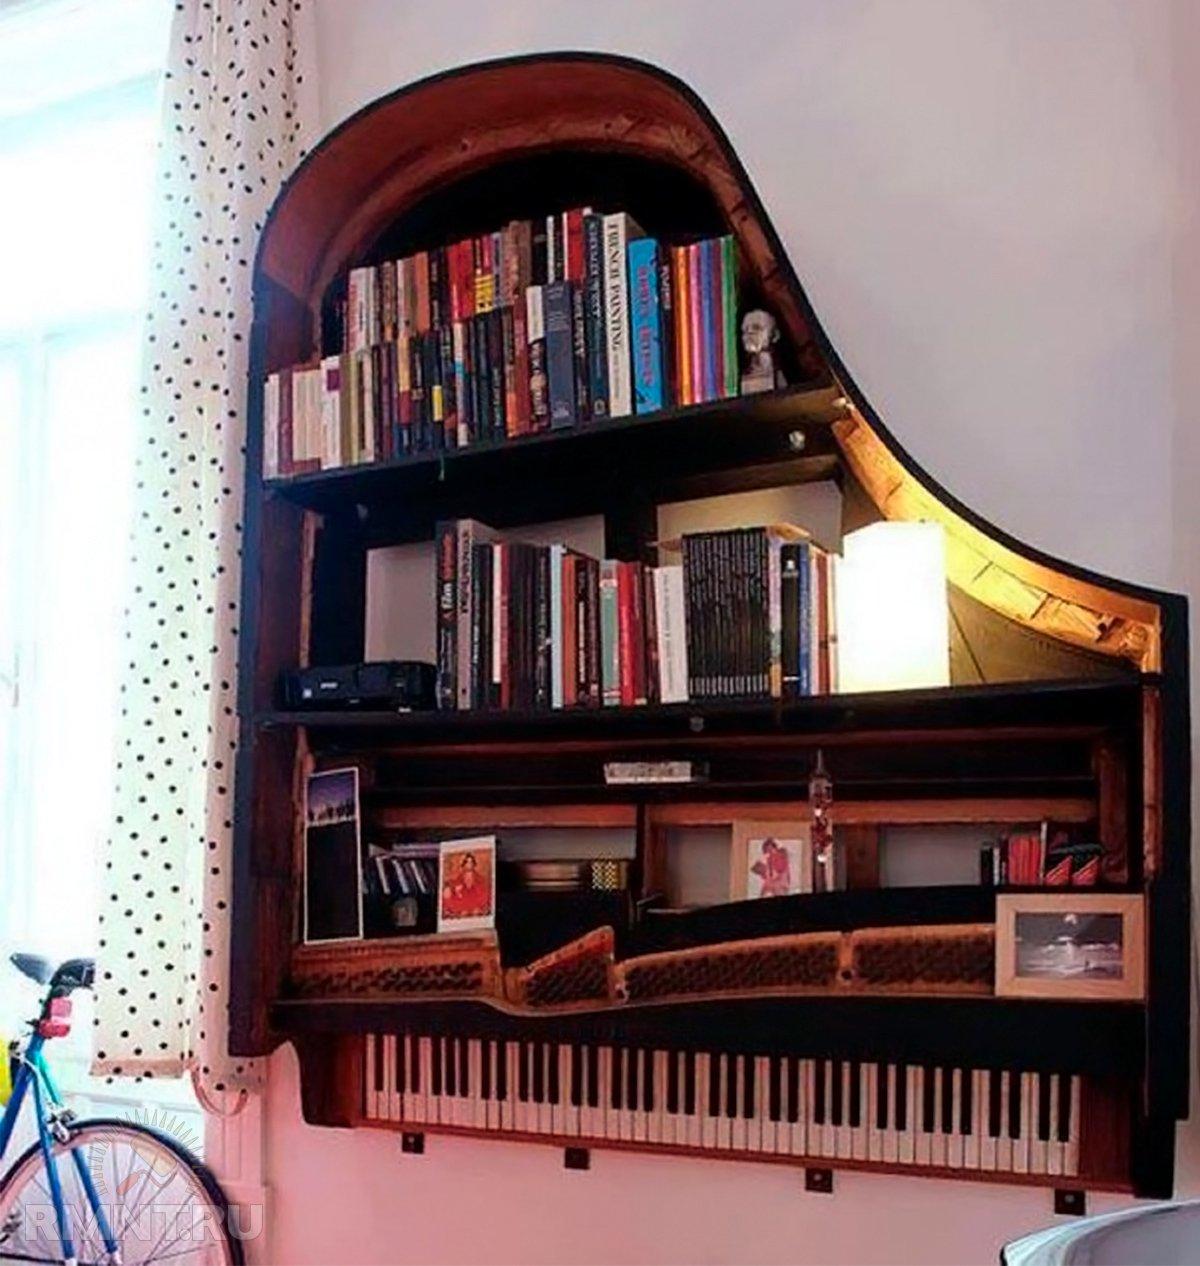 Вторая жизнь старых вещей: лестница, грабли, велосипед и музыкальные инструменты